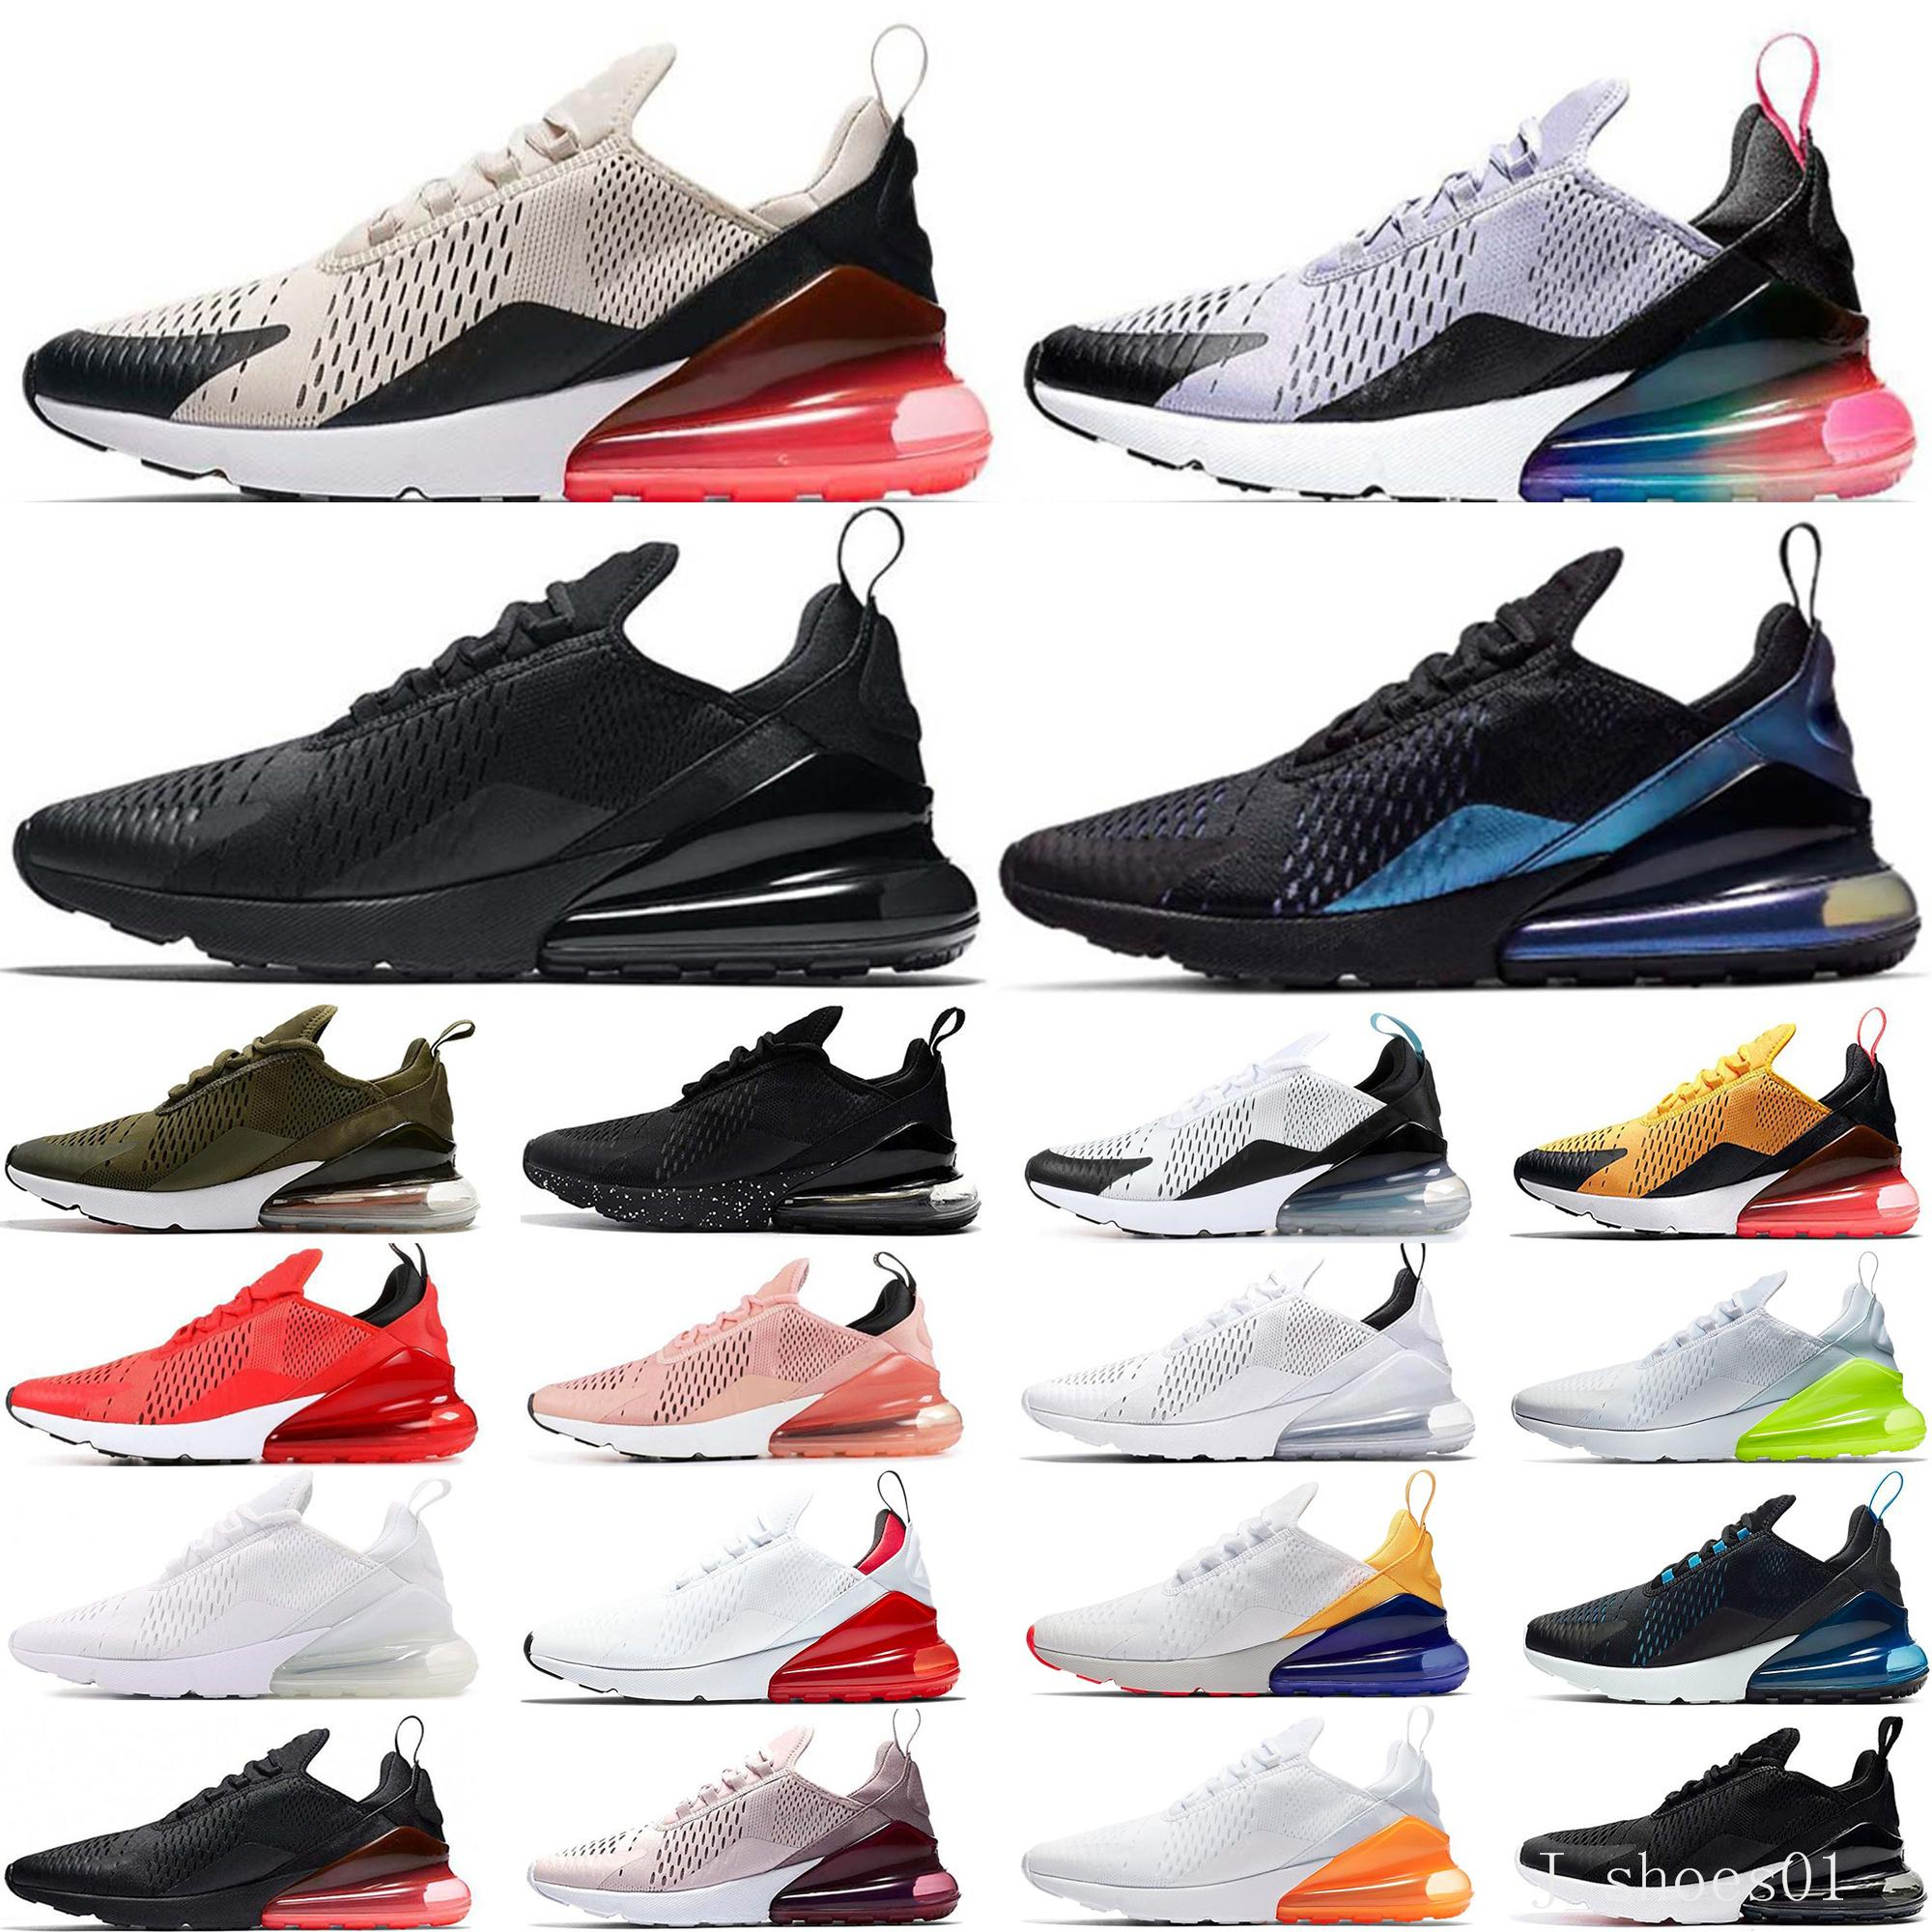 2021 Yastık Sneaker Rahat Ayakkabılar Eğitmen Yol Yıldız Demir Sprite Adam Erkekler Kadınlar için Genel